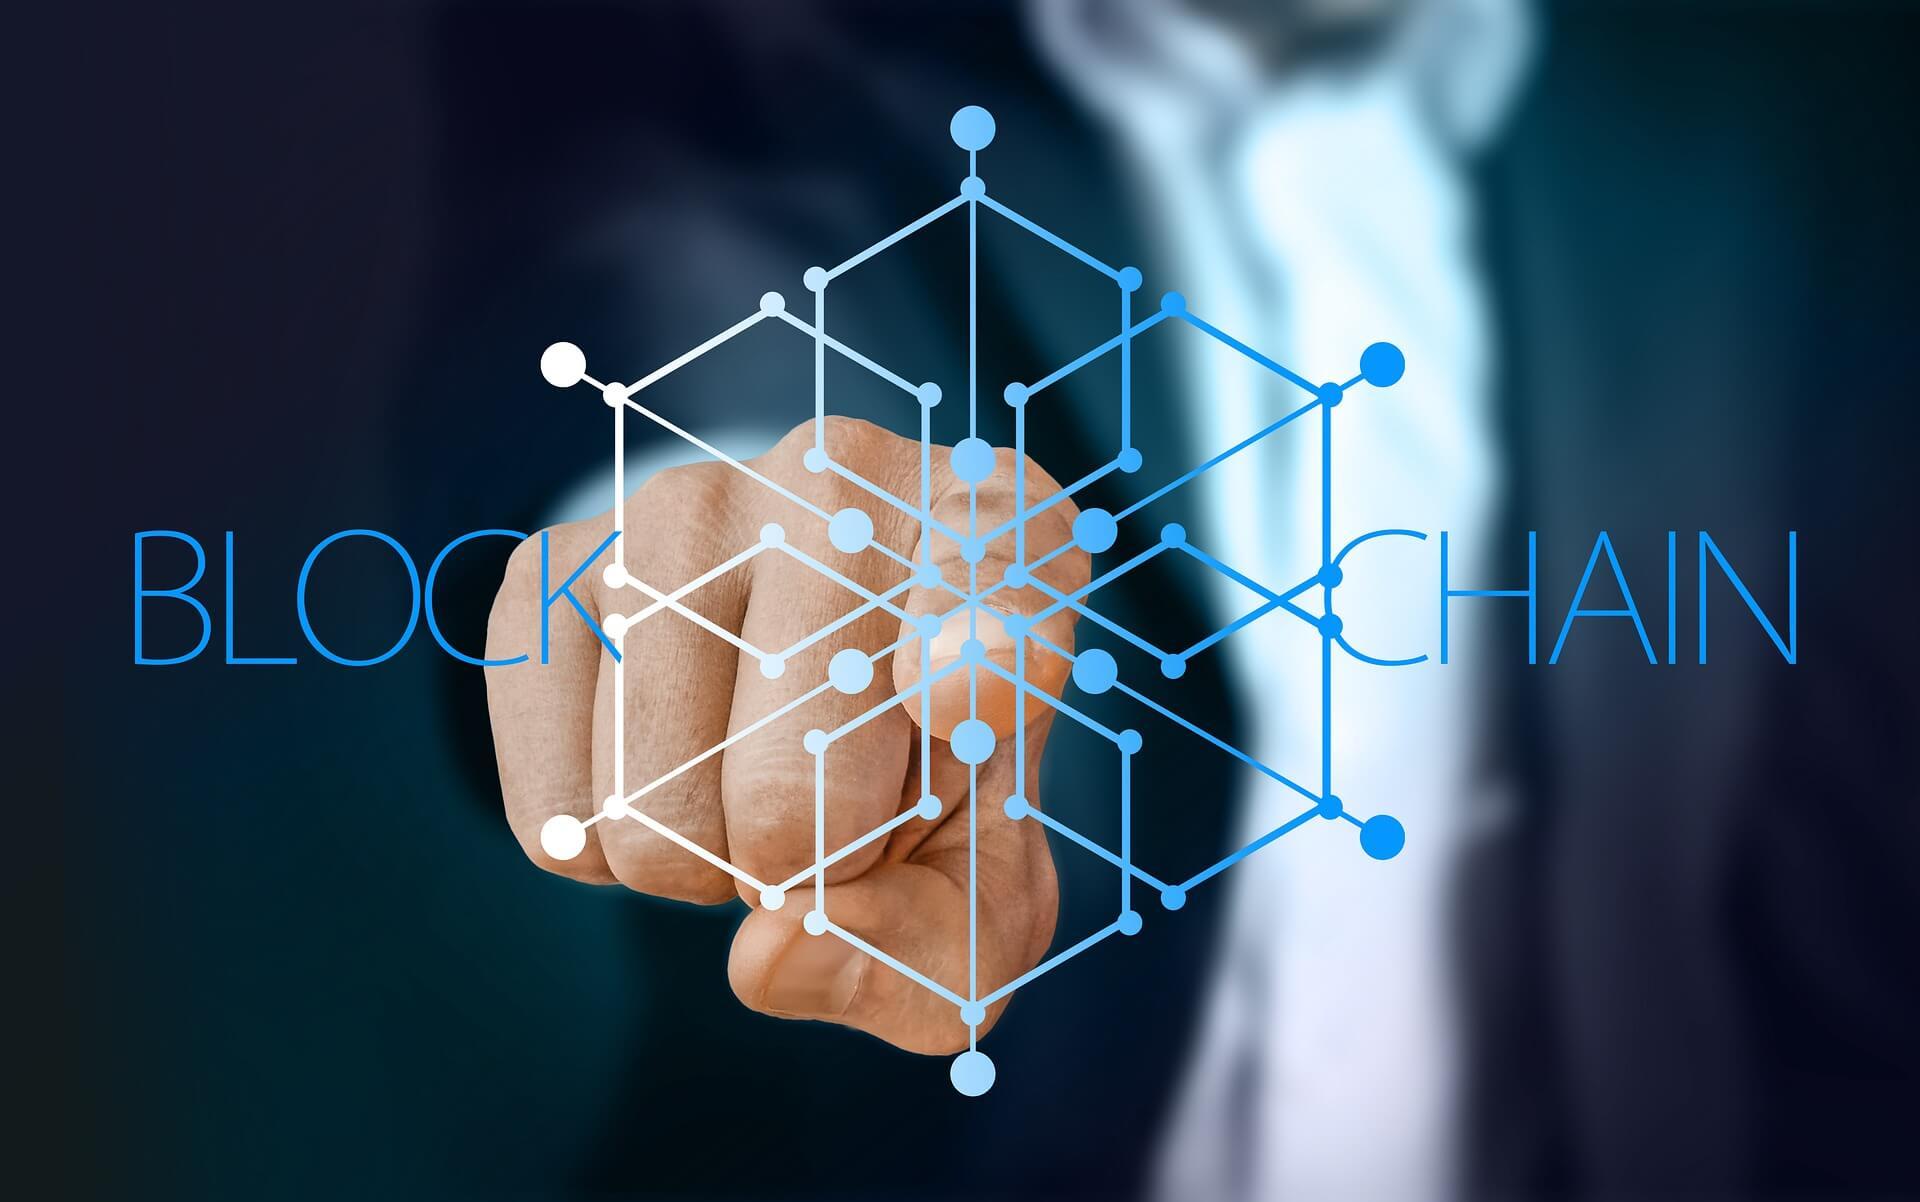 仮想通貨を支える技術「ブロックチェーン」について調べてみた